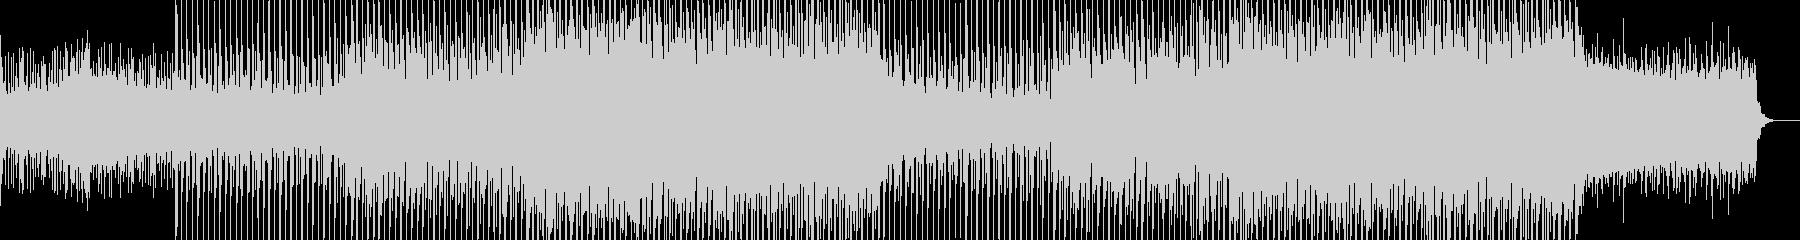 EDMクラブ系ダンスミュージック-22の未再生の波形